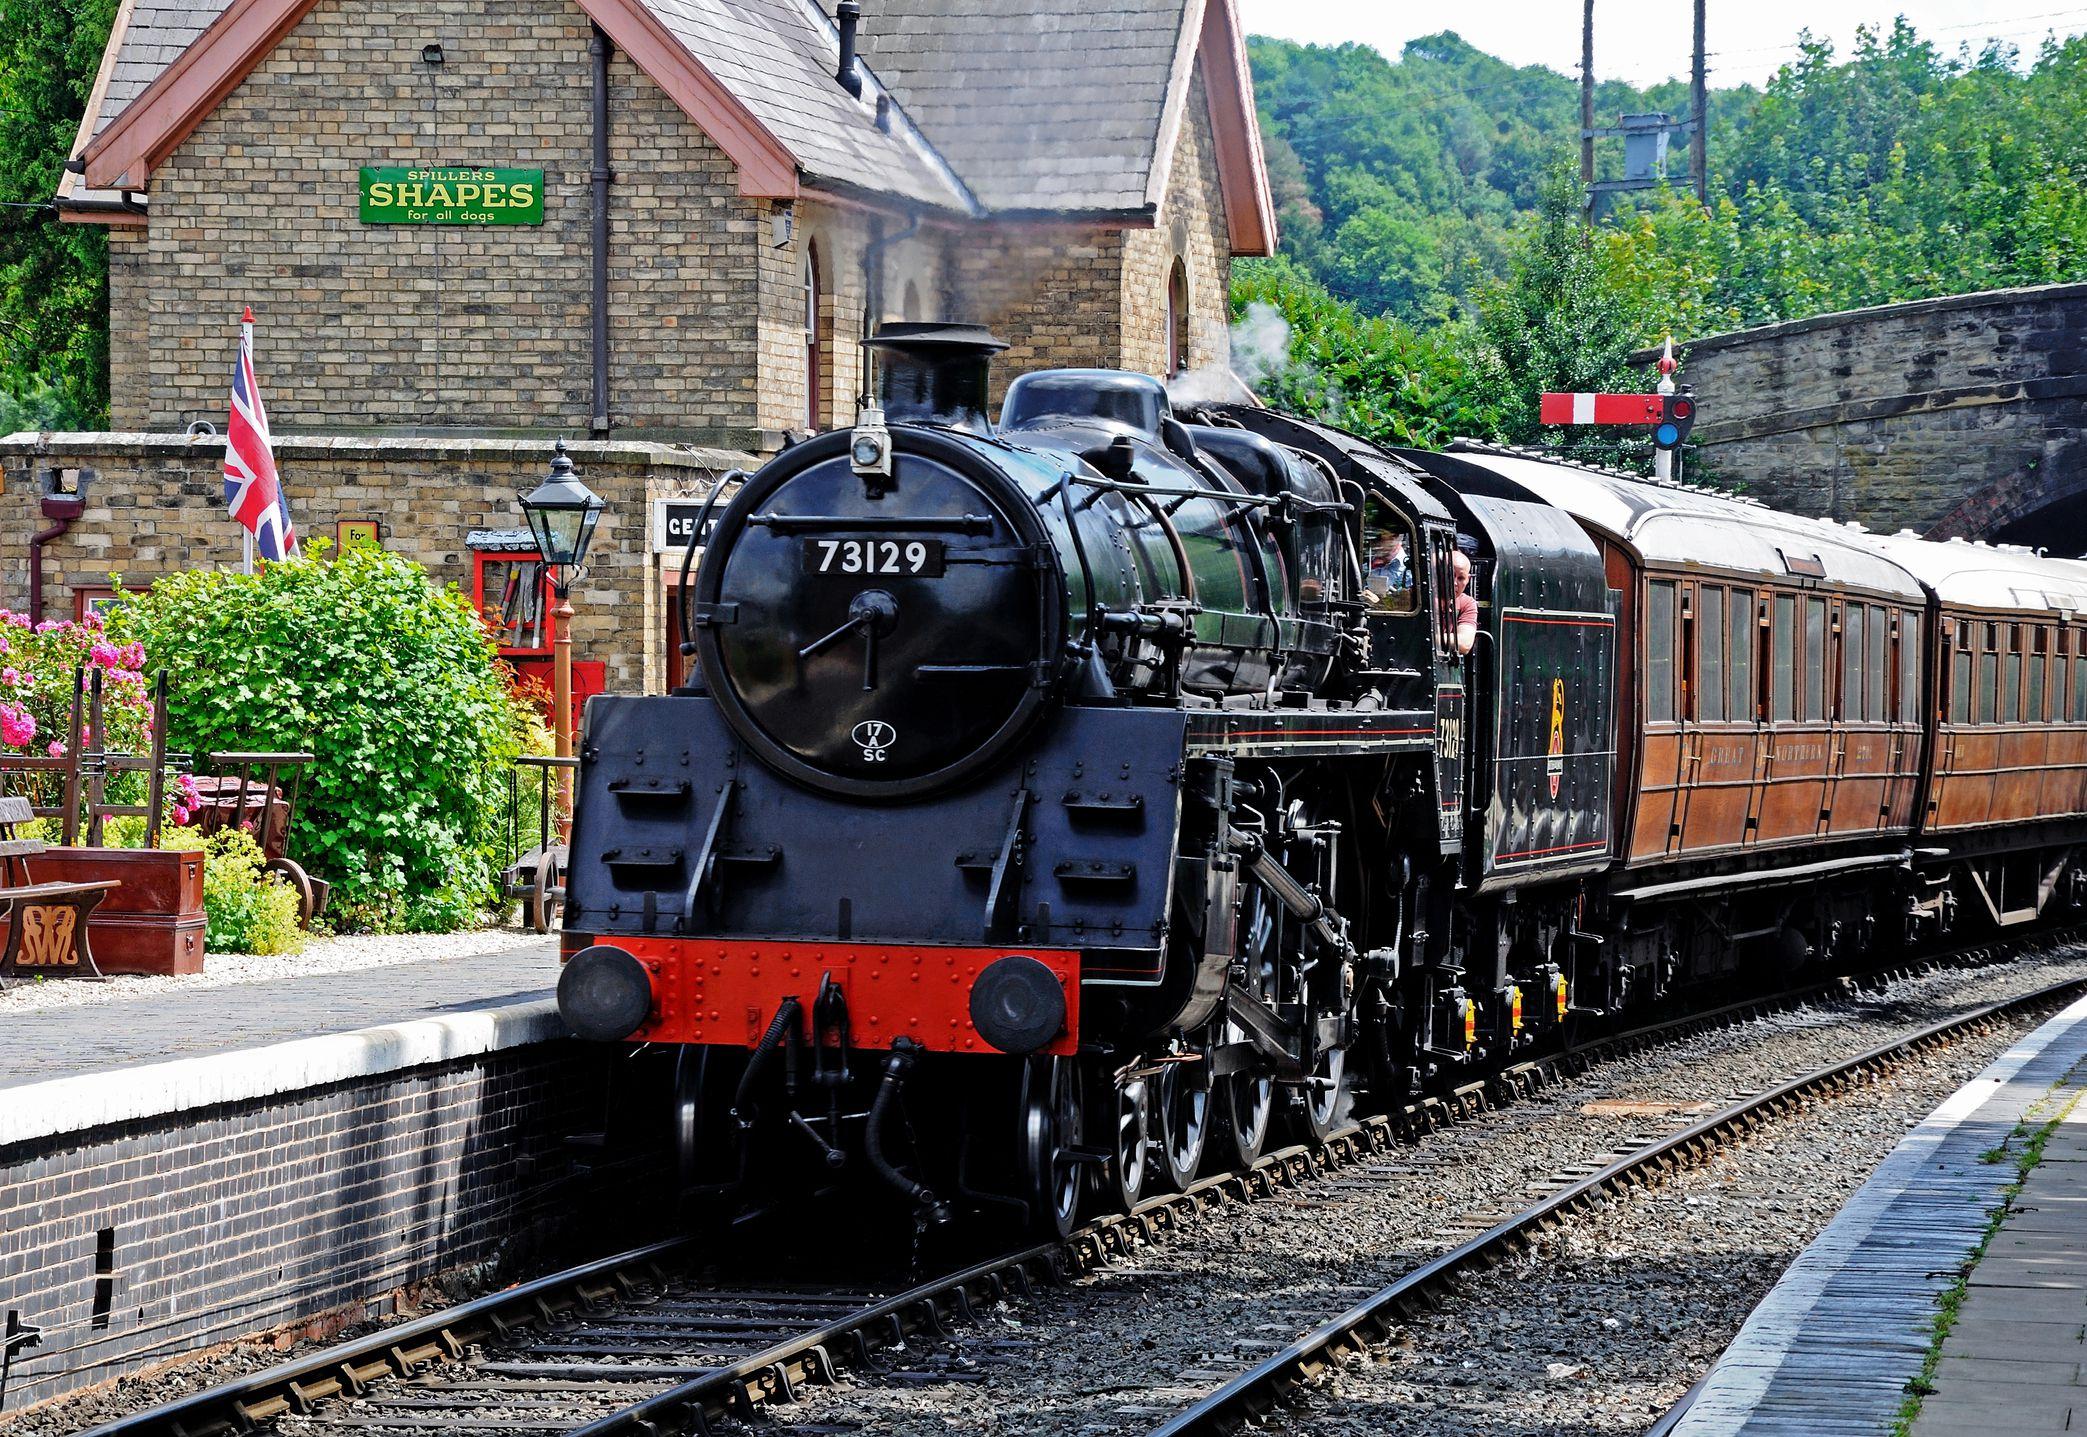 Steam locomotive at Arley railway station in Worchestshire on the Severn Valley Railway